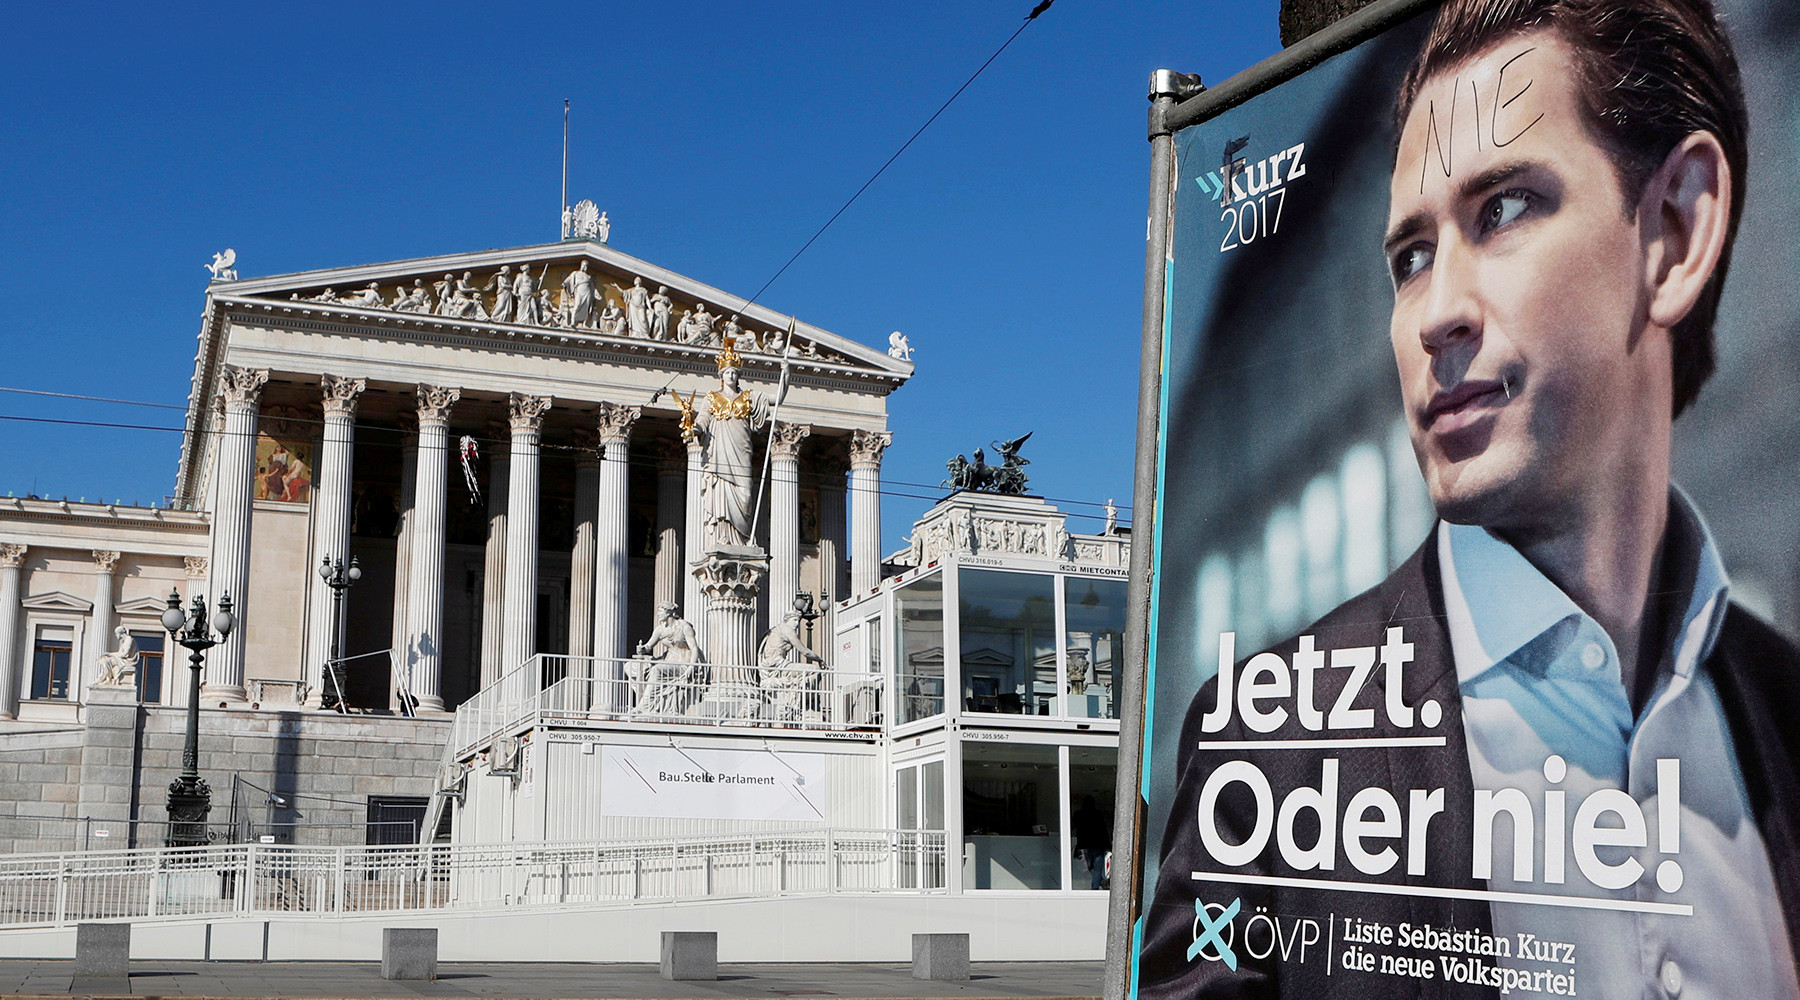 Без аргументов: зачем Себстьяна Курца сравнили с Гитлером